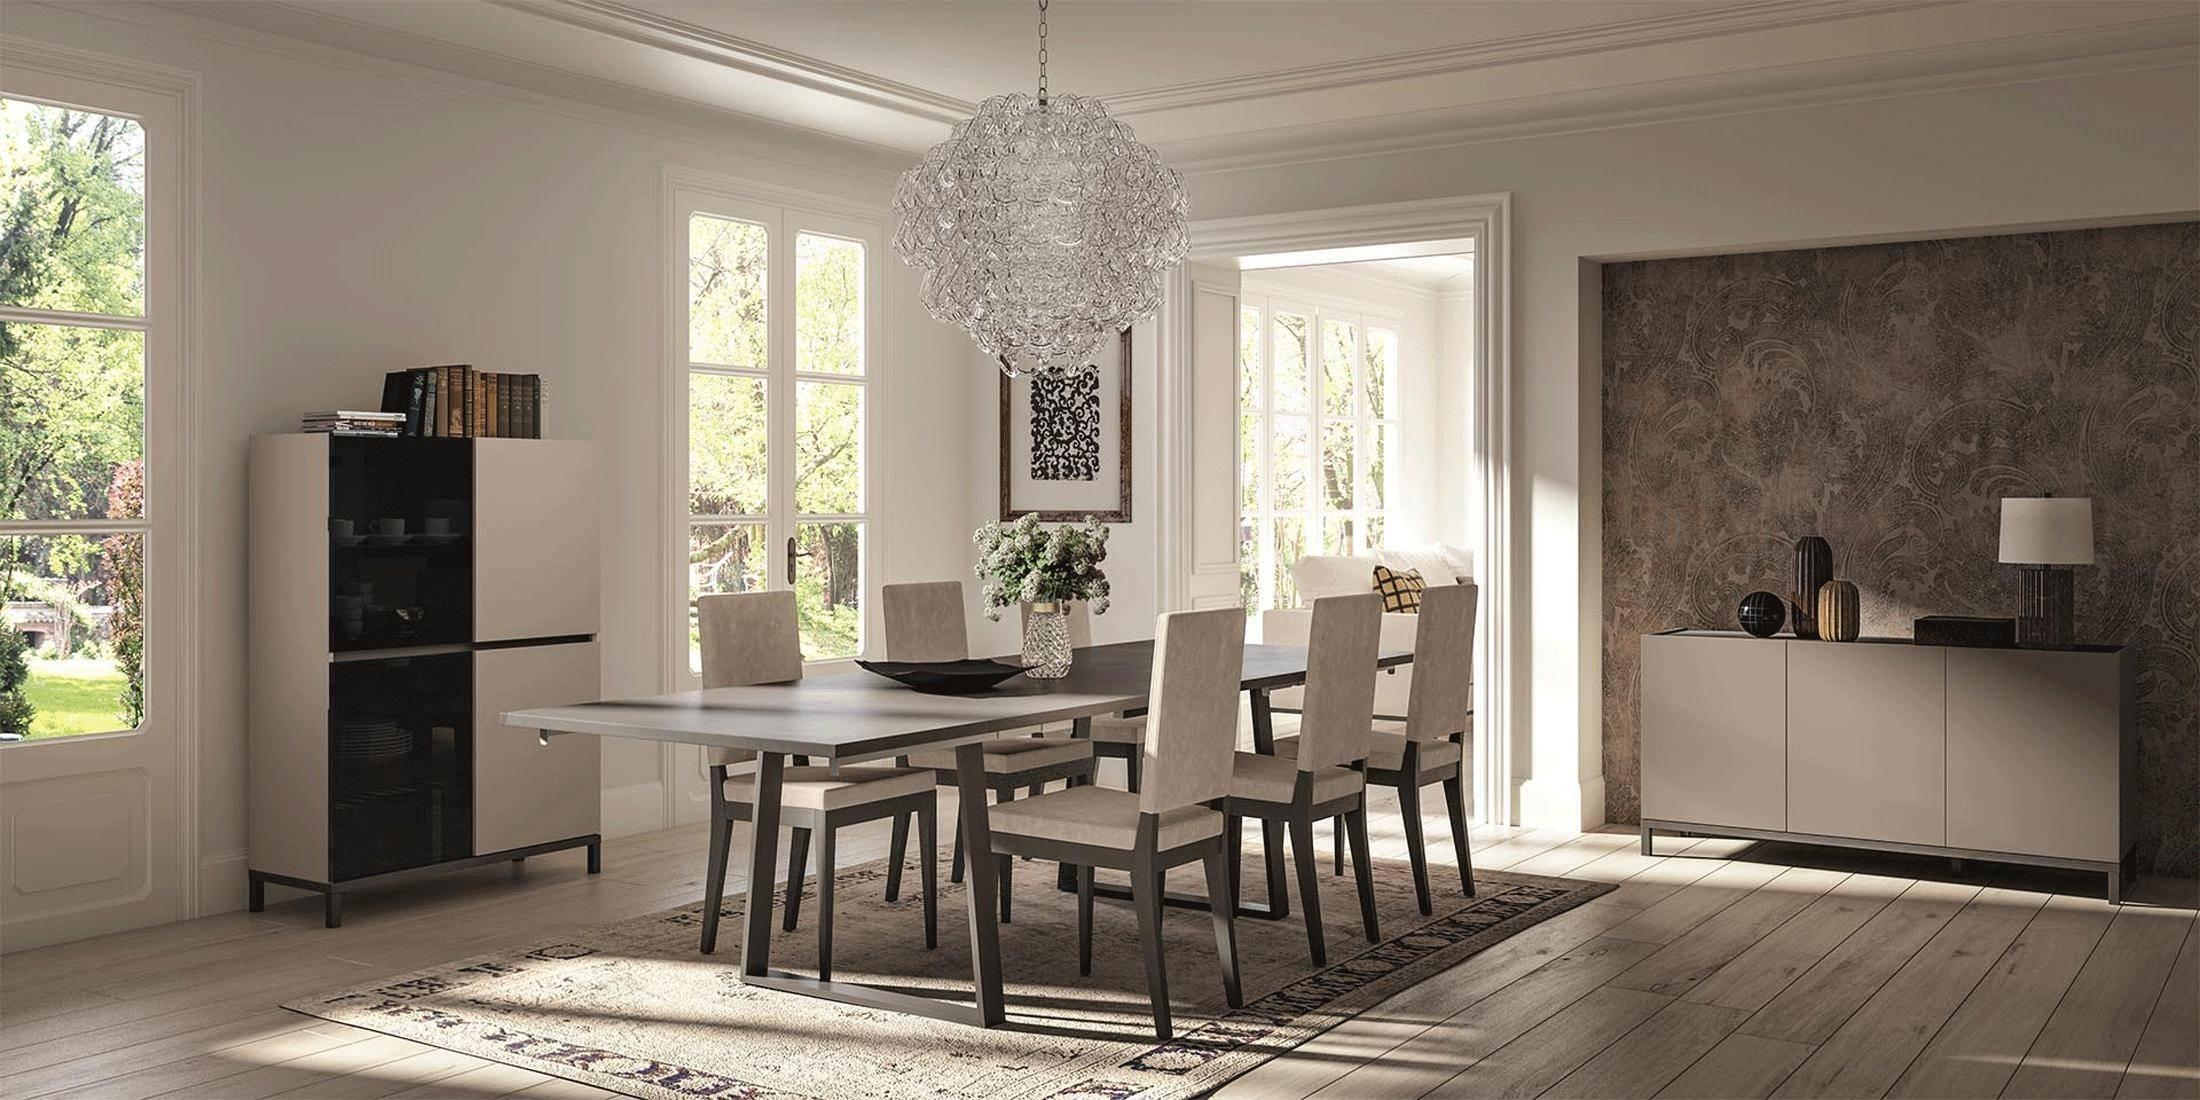 Esf Kali Dining Sets 8 Pcs In, Modern Formal Dining Room Sets For 8